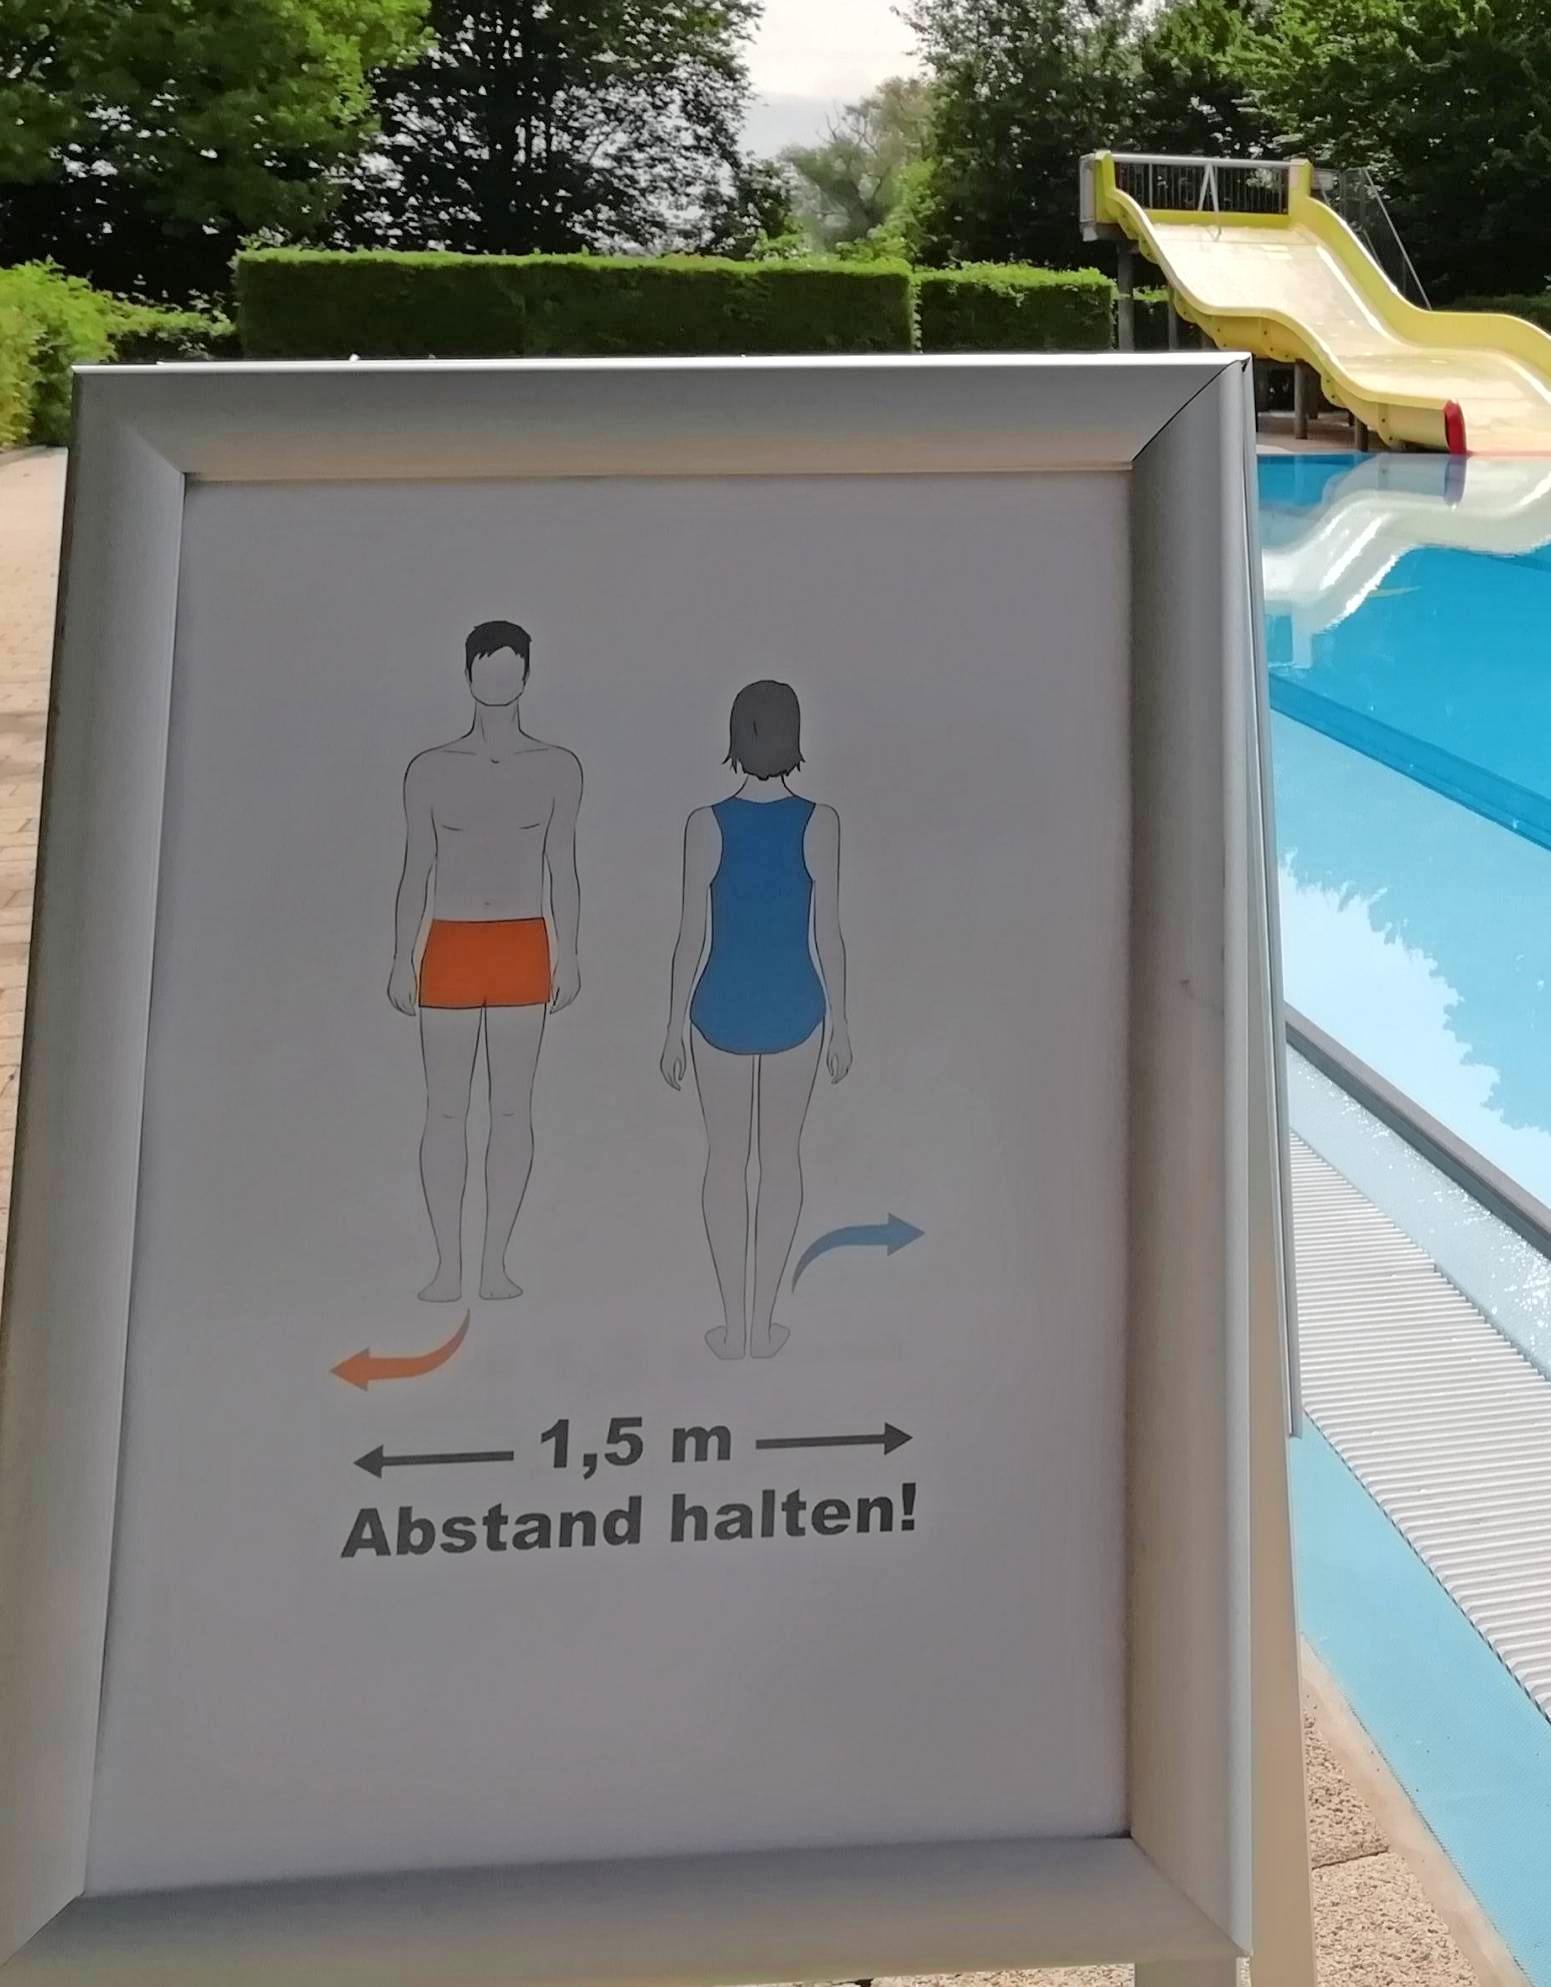 Seit Montag ist das Ernst-Freyer-Bad wieder geöffnet. Auf die Besucher wartet ein eingeschränkter Badespaß. Foto: Aquatoll